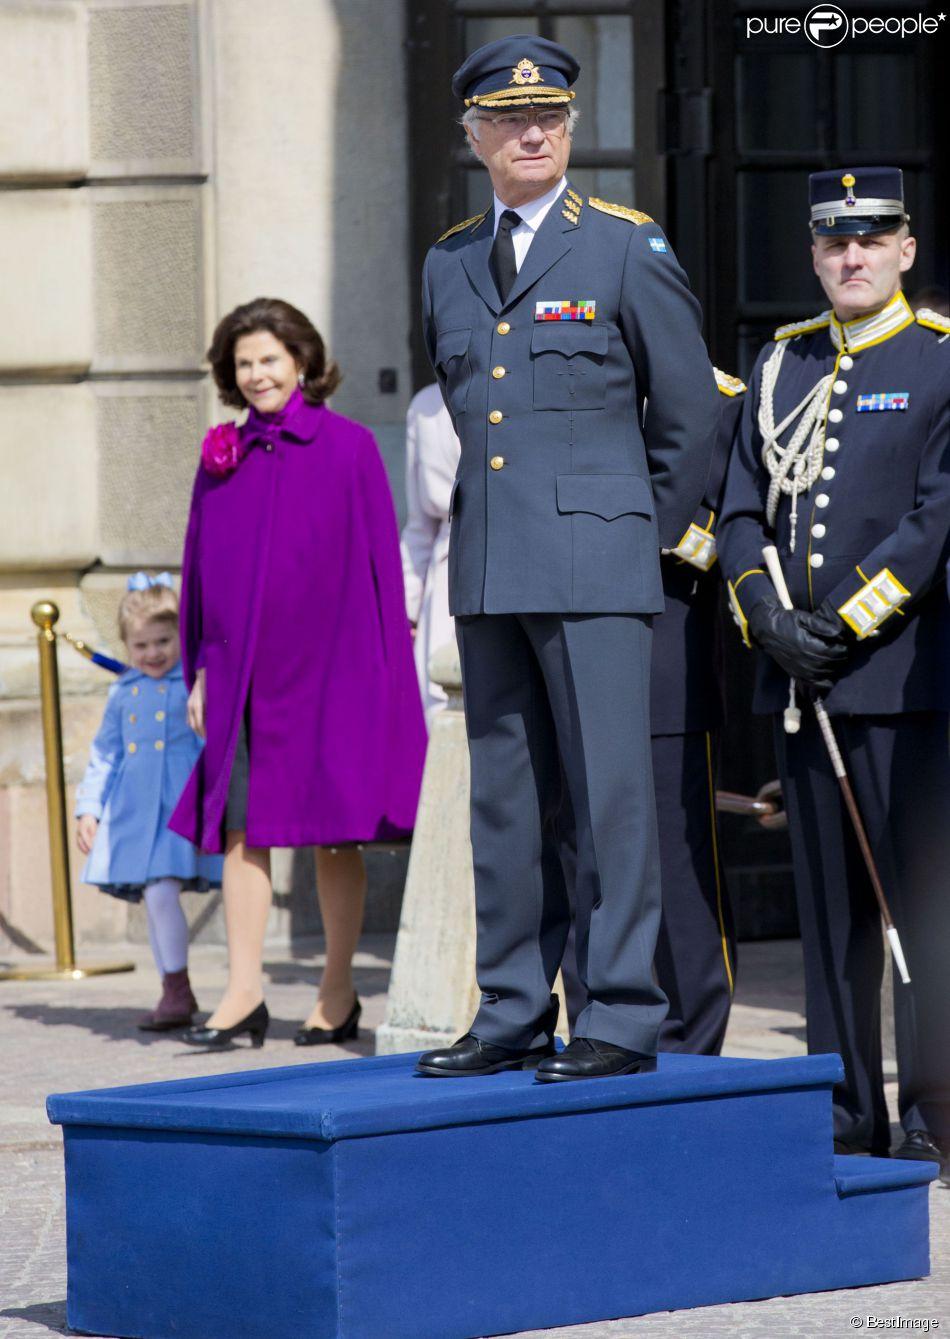 La princesse Estelle et la reine Silvia, en arrière-plan, lors des célébrations traditionnelles du 69e anniversaire du roi Carl XVI Gustaf de Suède, le 30 avril 2015 au palais Drottningholm à Stockholm.